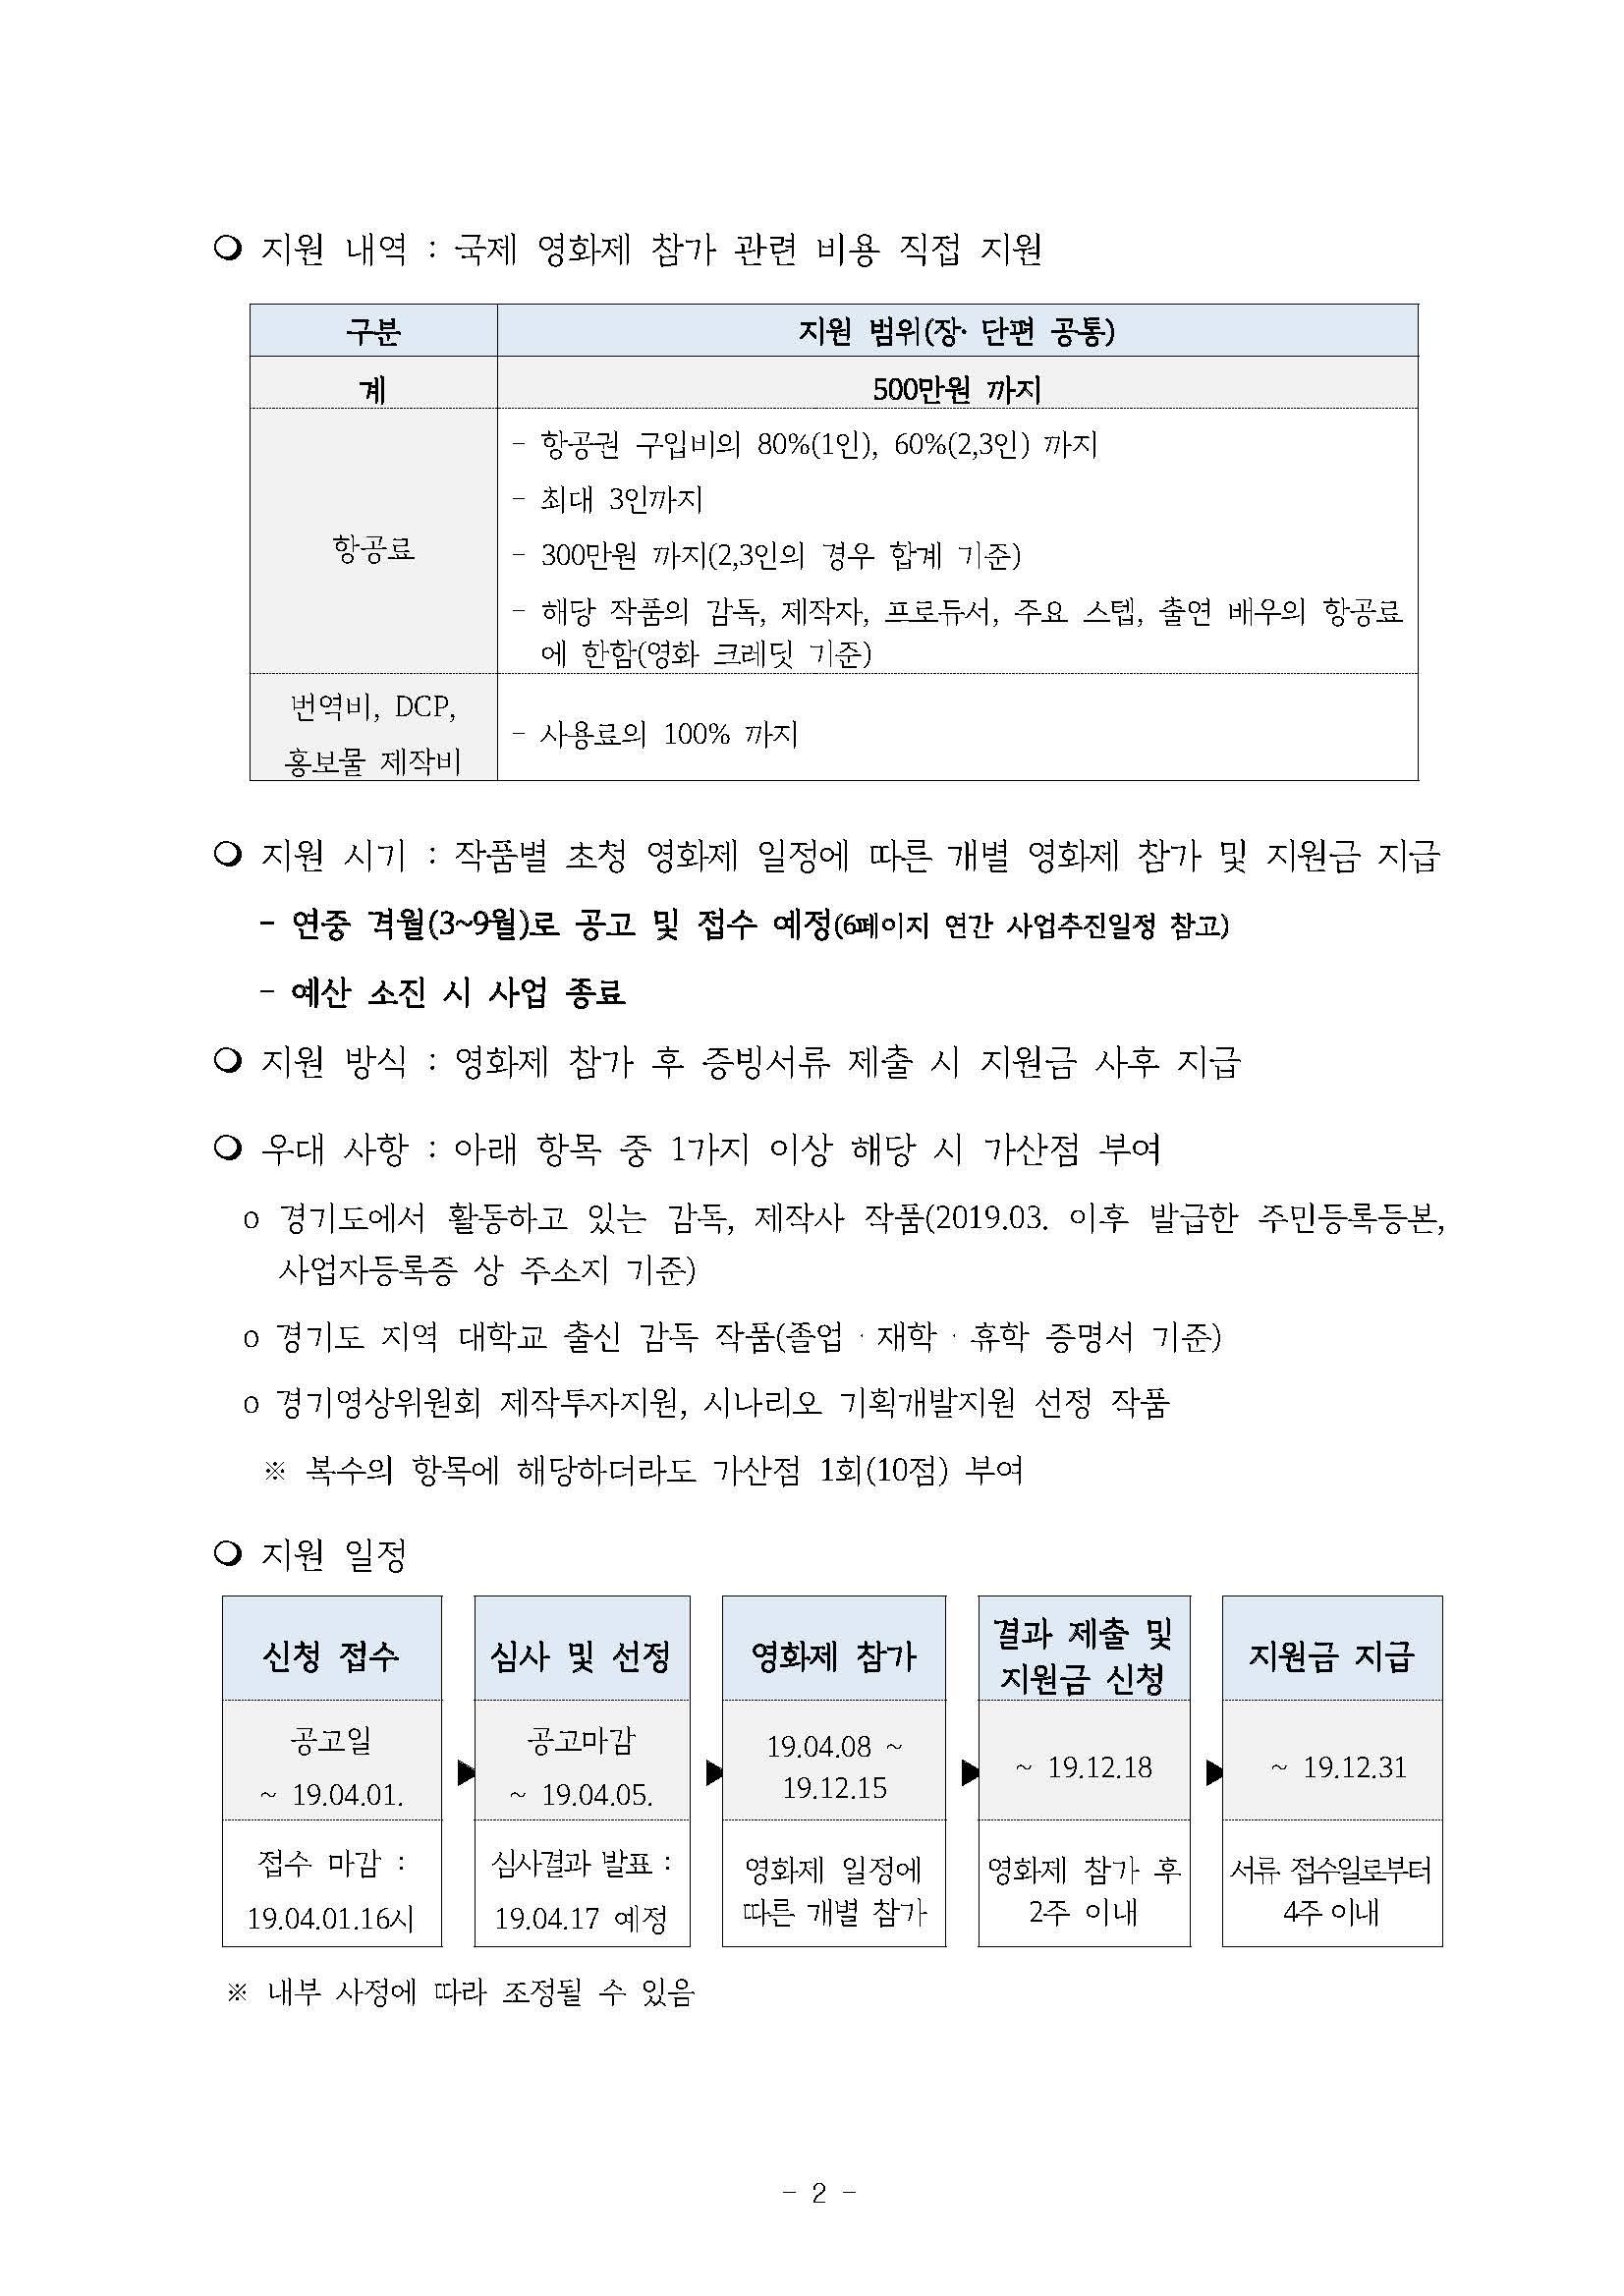 경기도 다양성영화 국제영화제 참가지원 공모 요강_페이지_2.jpg